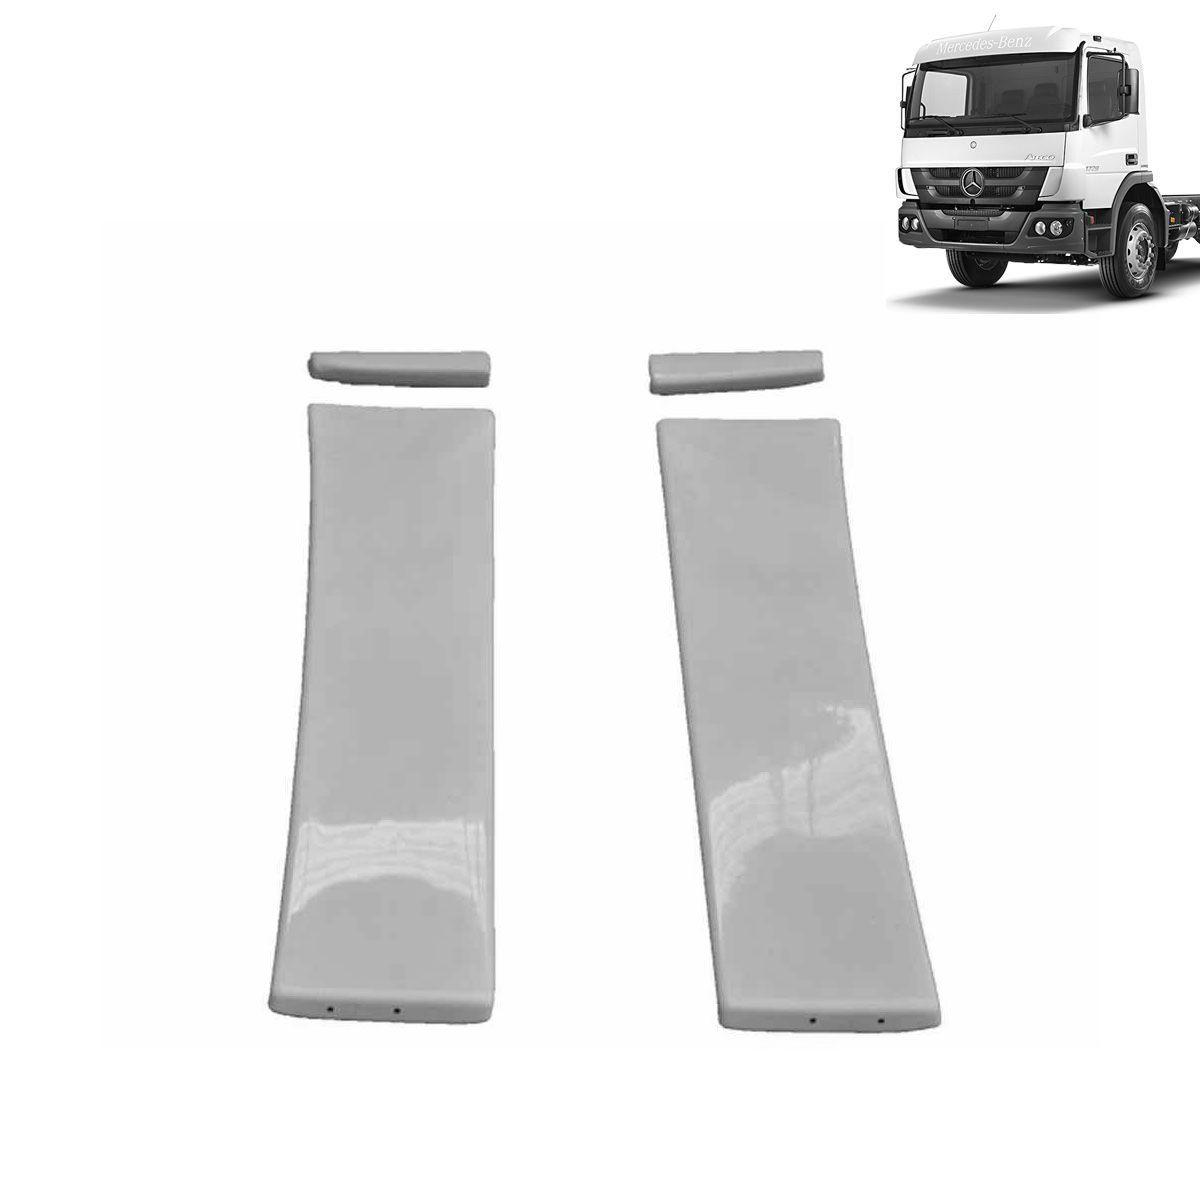 Laterais Cegonheiro para Mercedes Benz Atego Cabine Simples Bolha